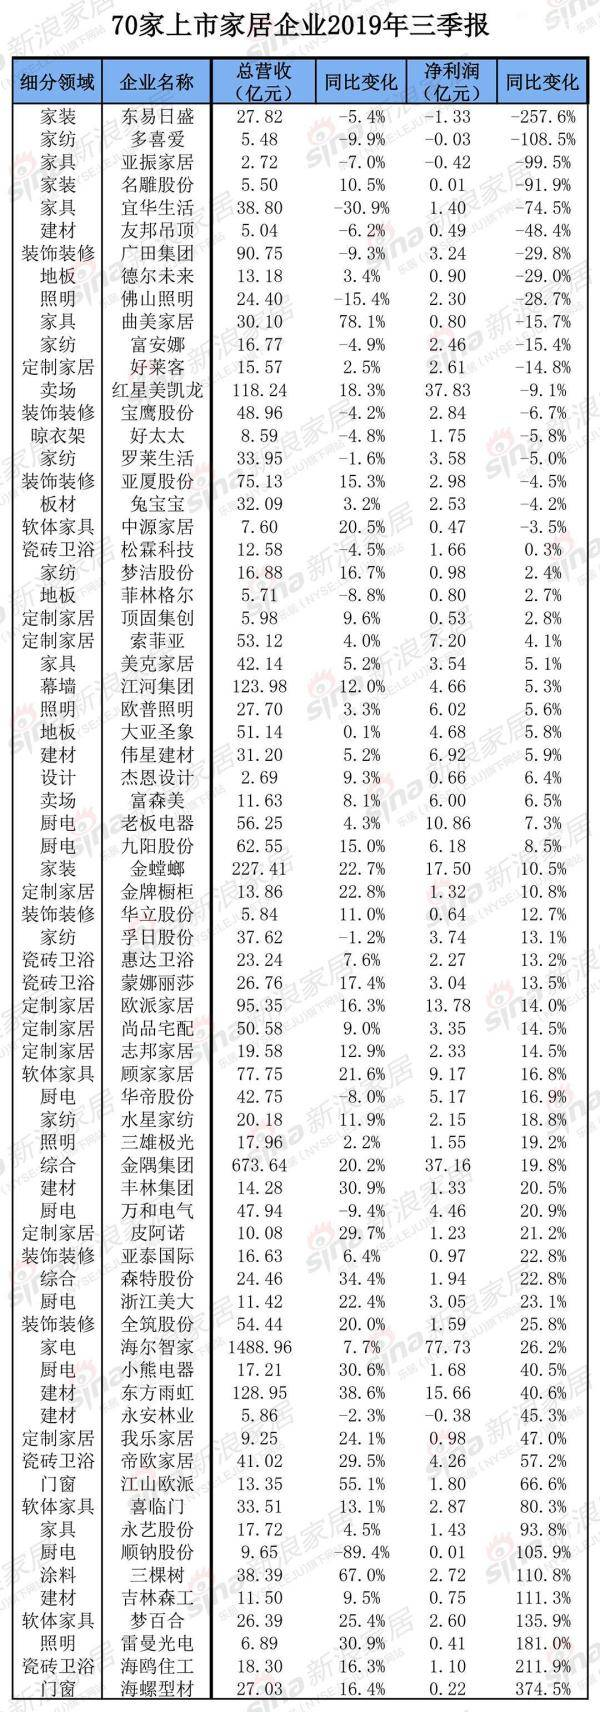 2019年第三季度家居上市企业财报